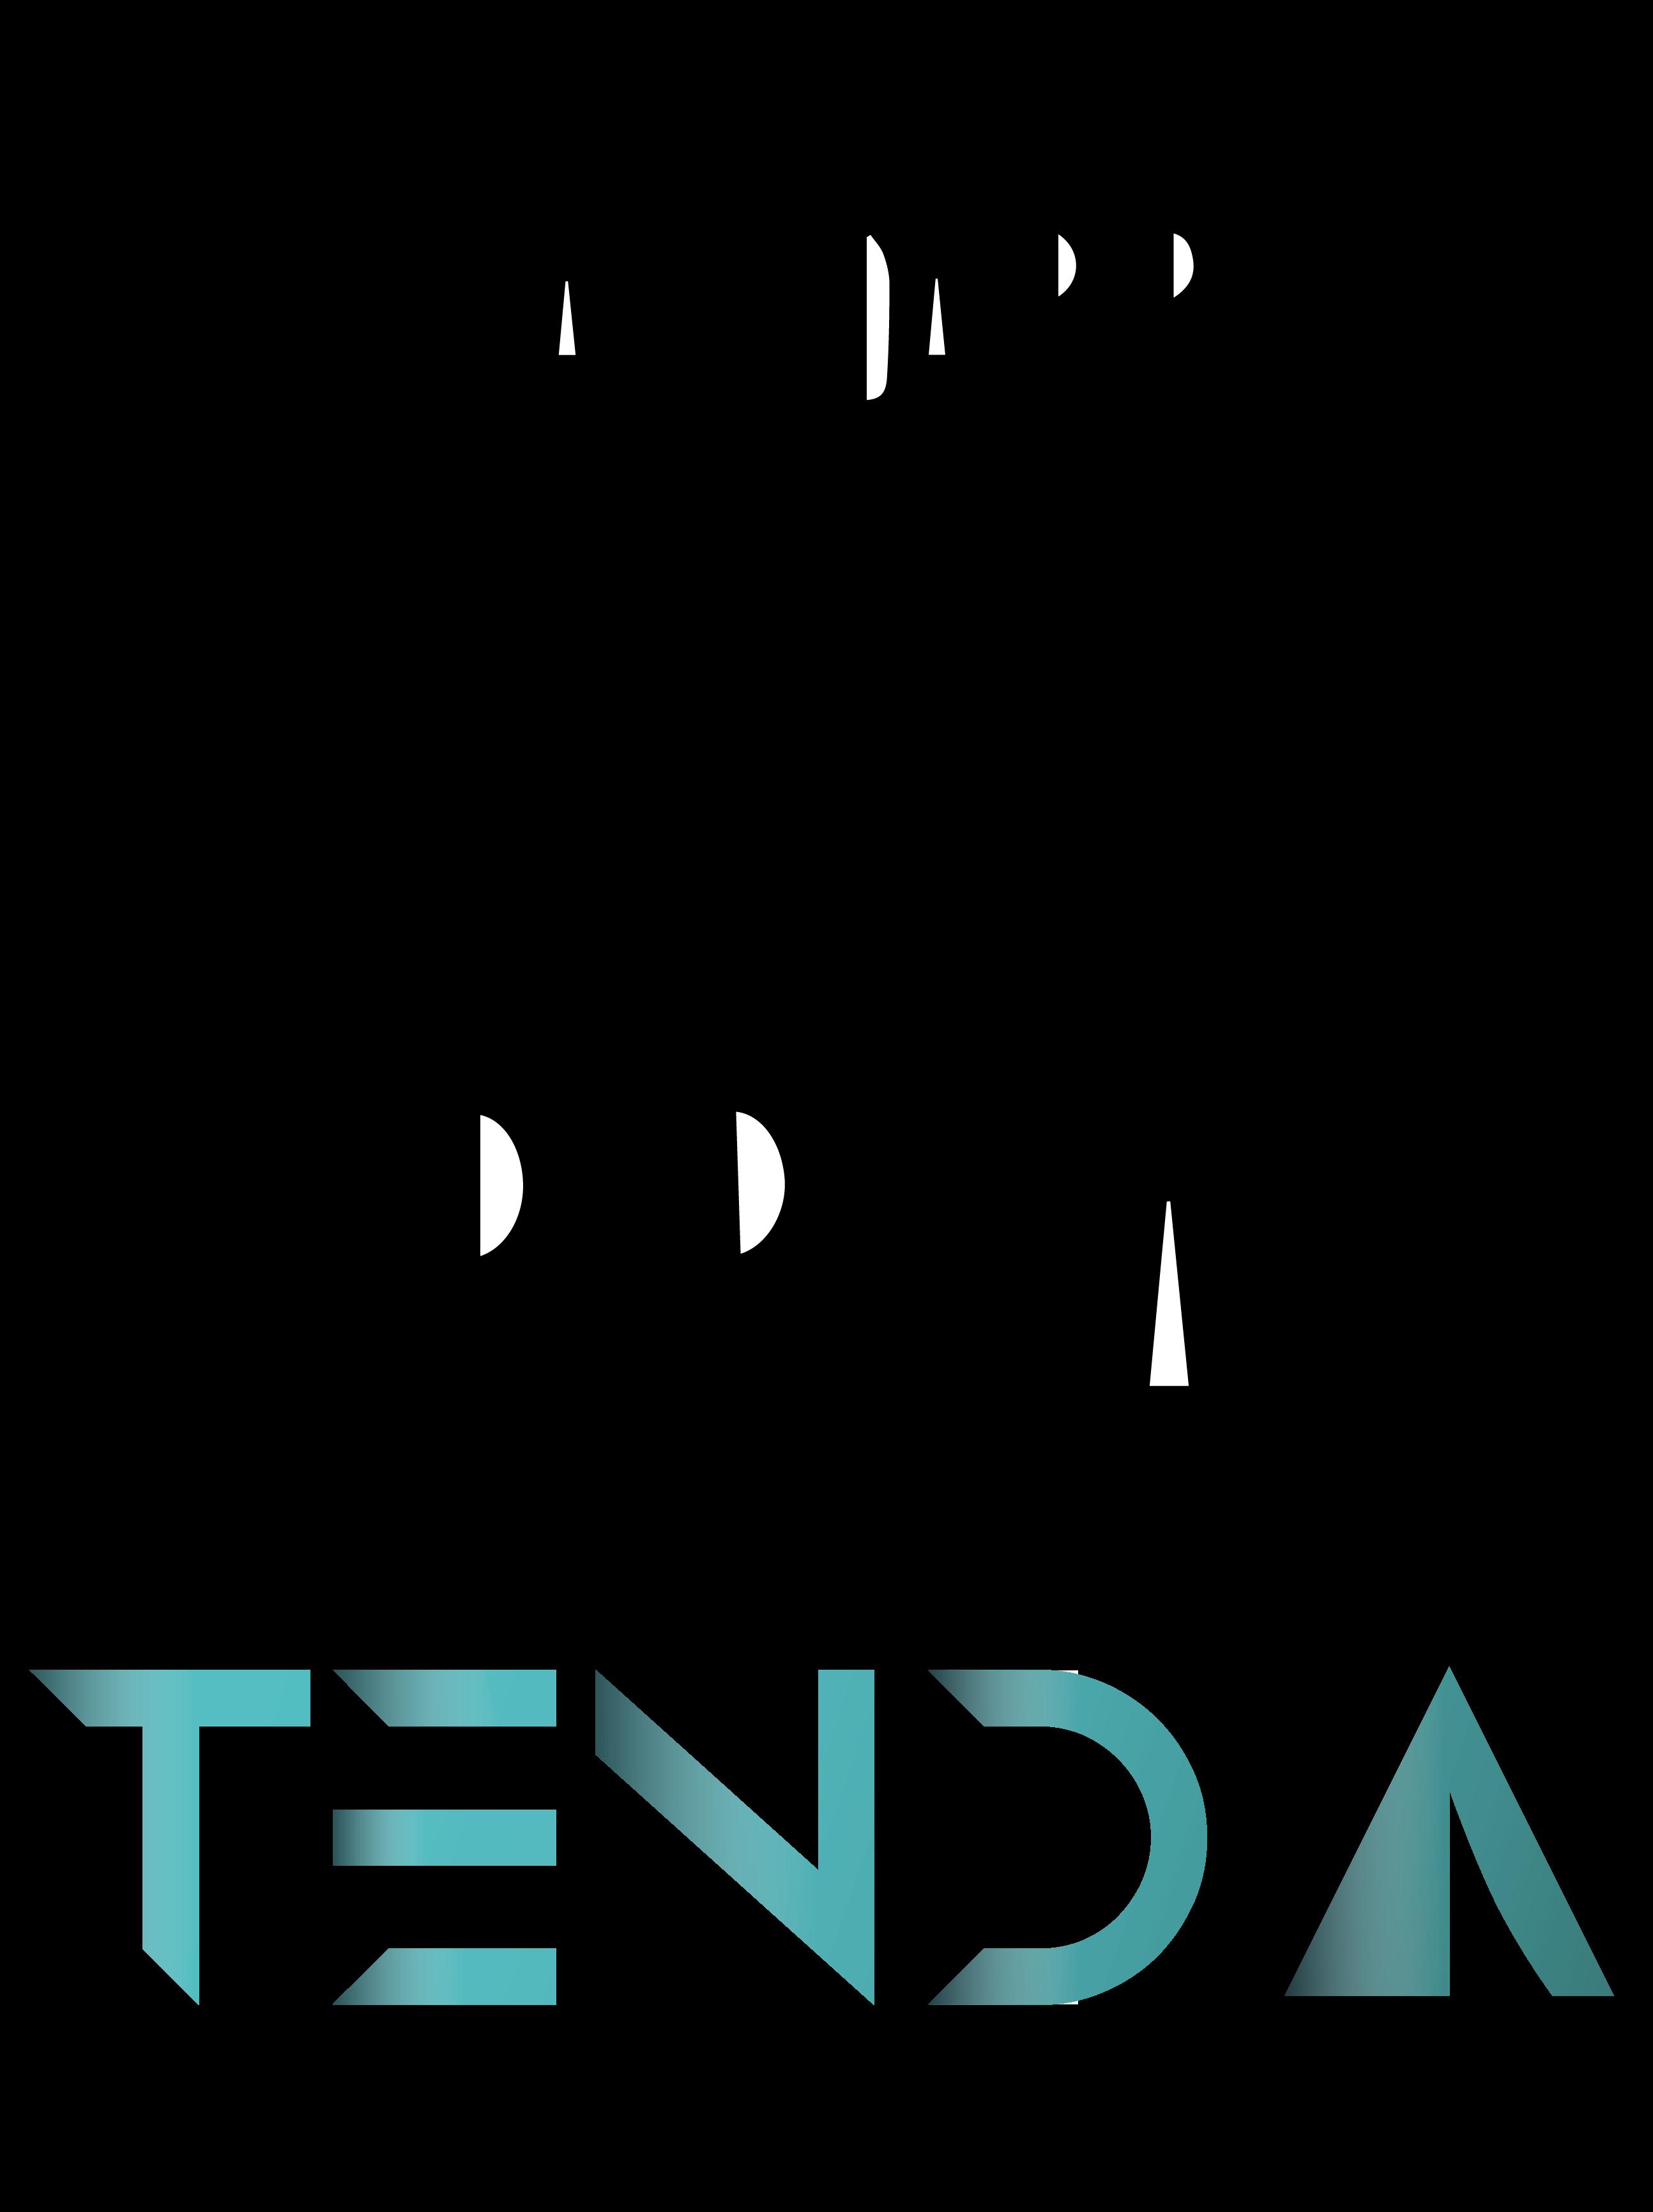 Una tenda per tutti … TUTTI per la TENDA